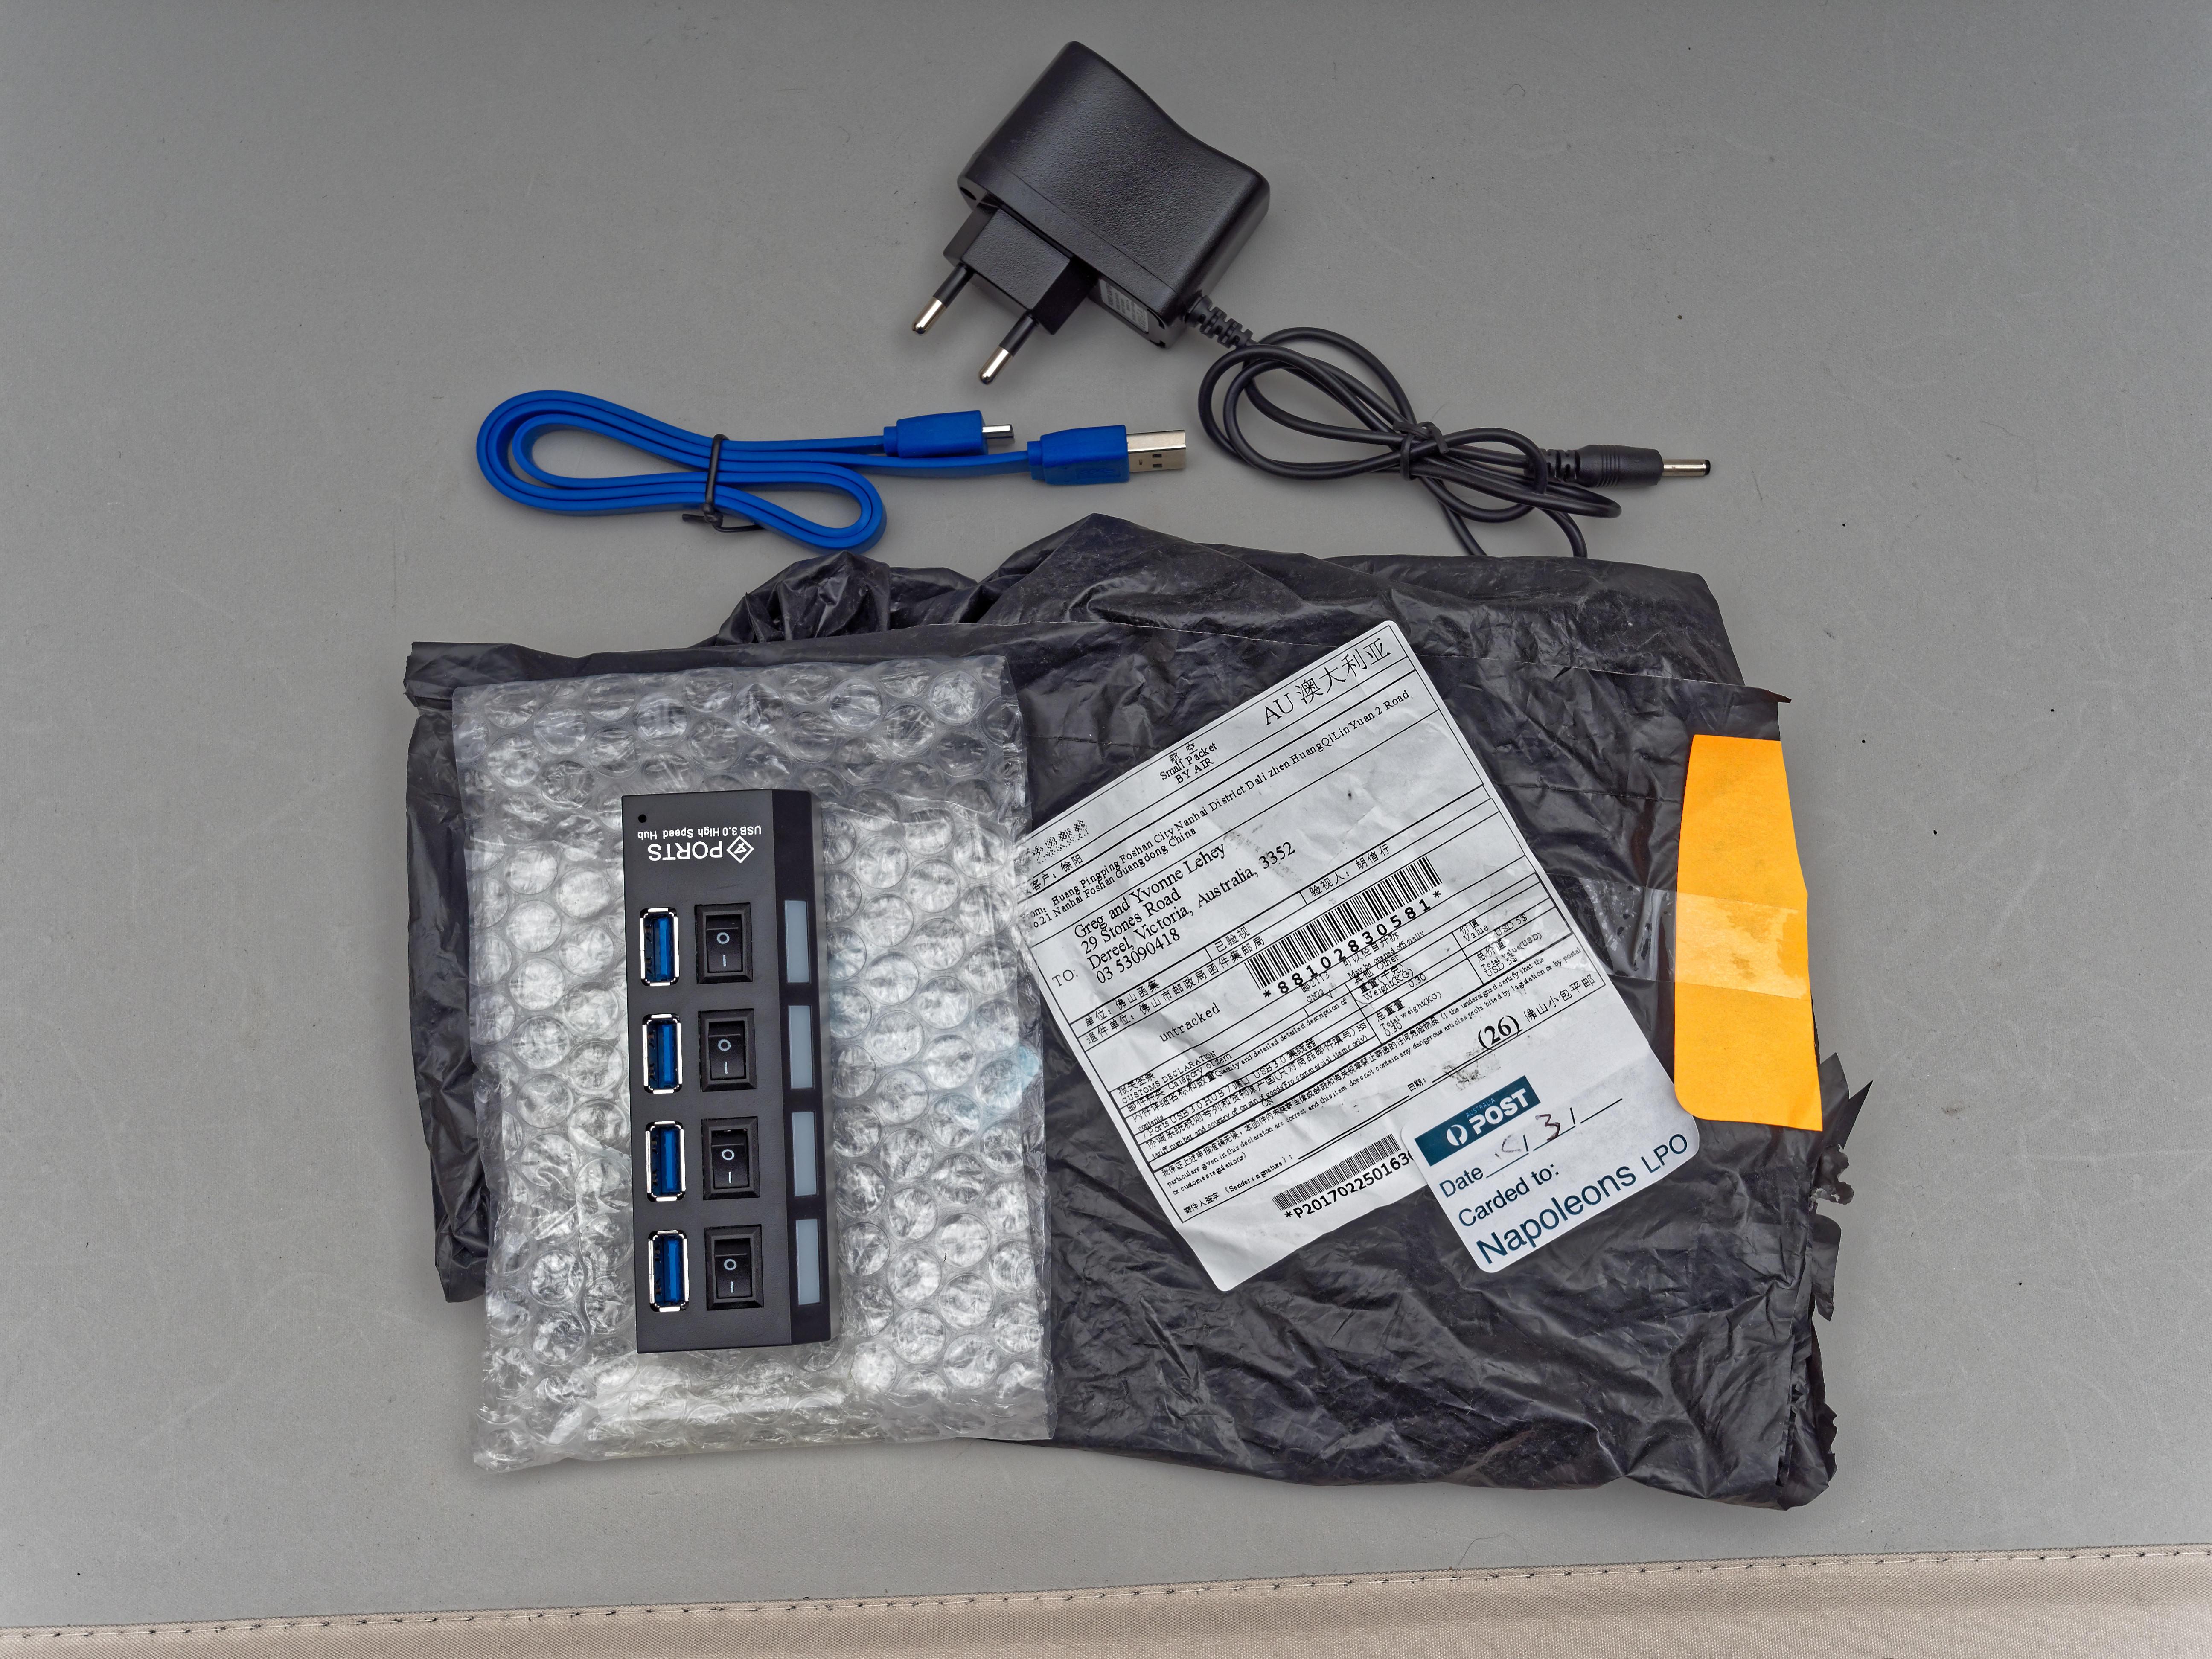 USB-4-port-hub-2-orig.jpeg